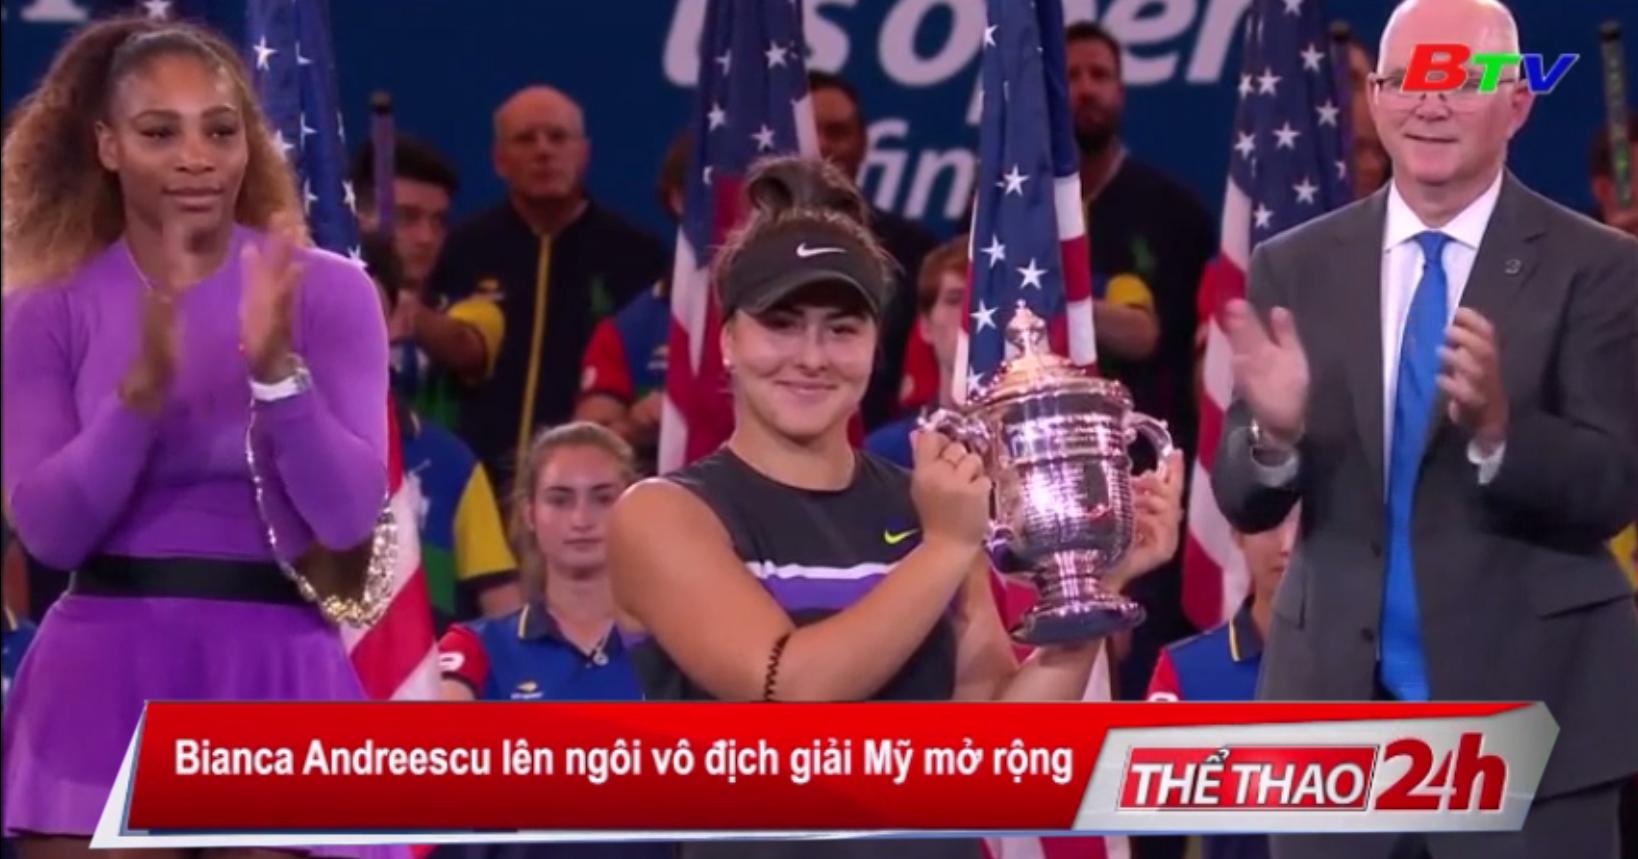 Bianca Andreescu lên ngôi vô địch Giải Quần vợt Mỹ mở rộng 2019